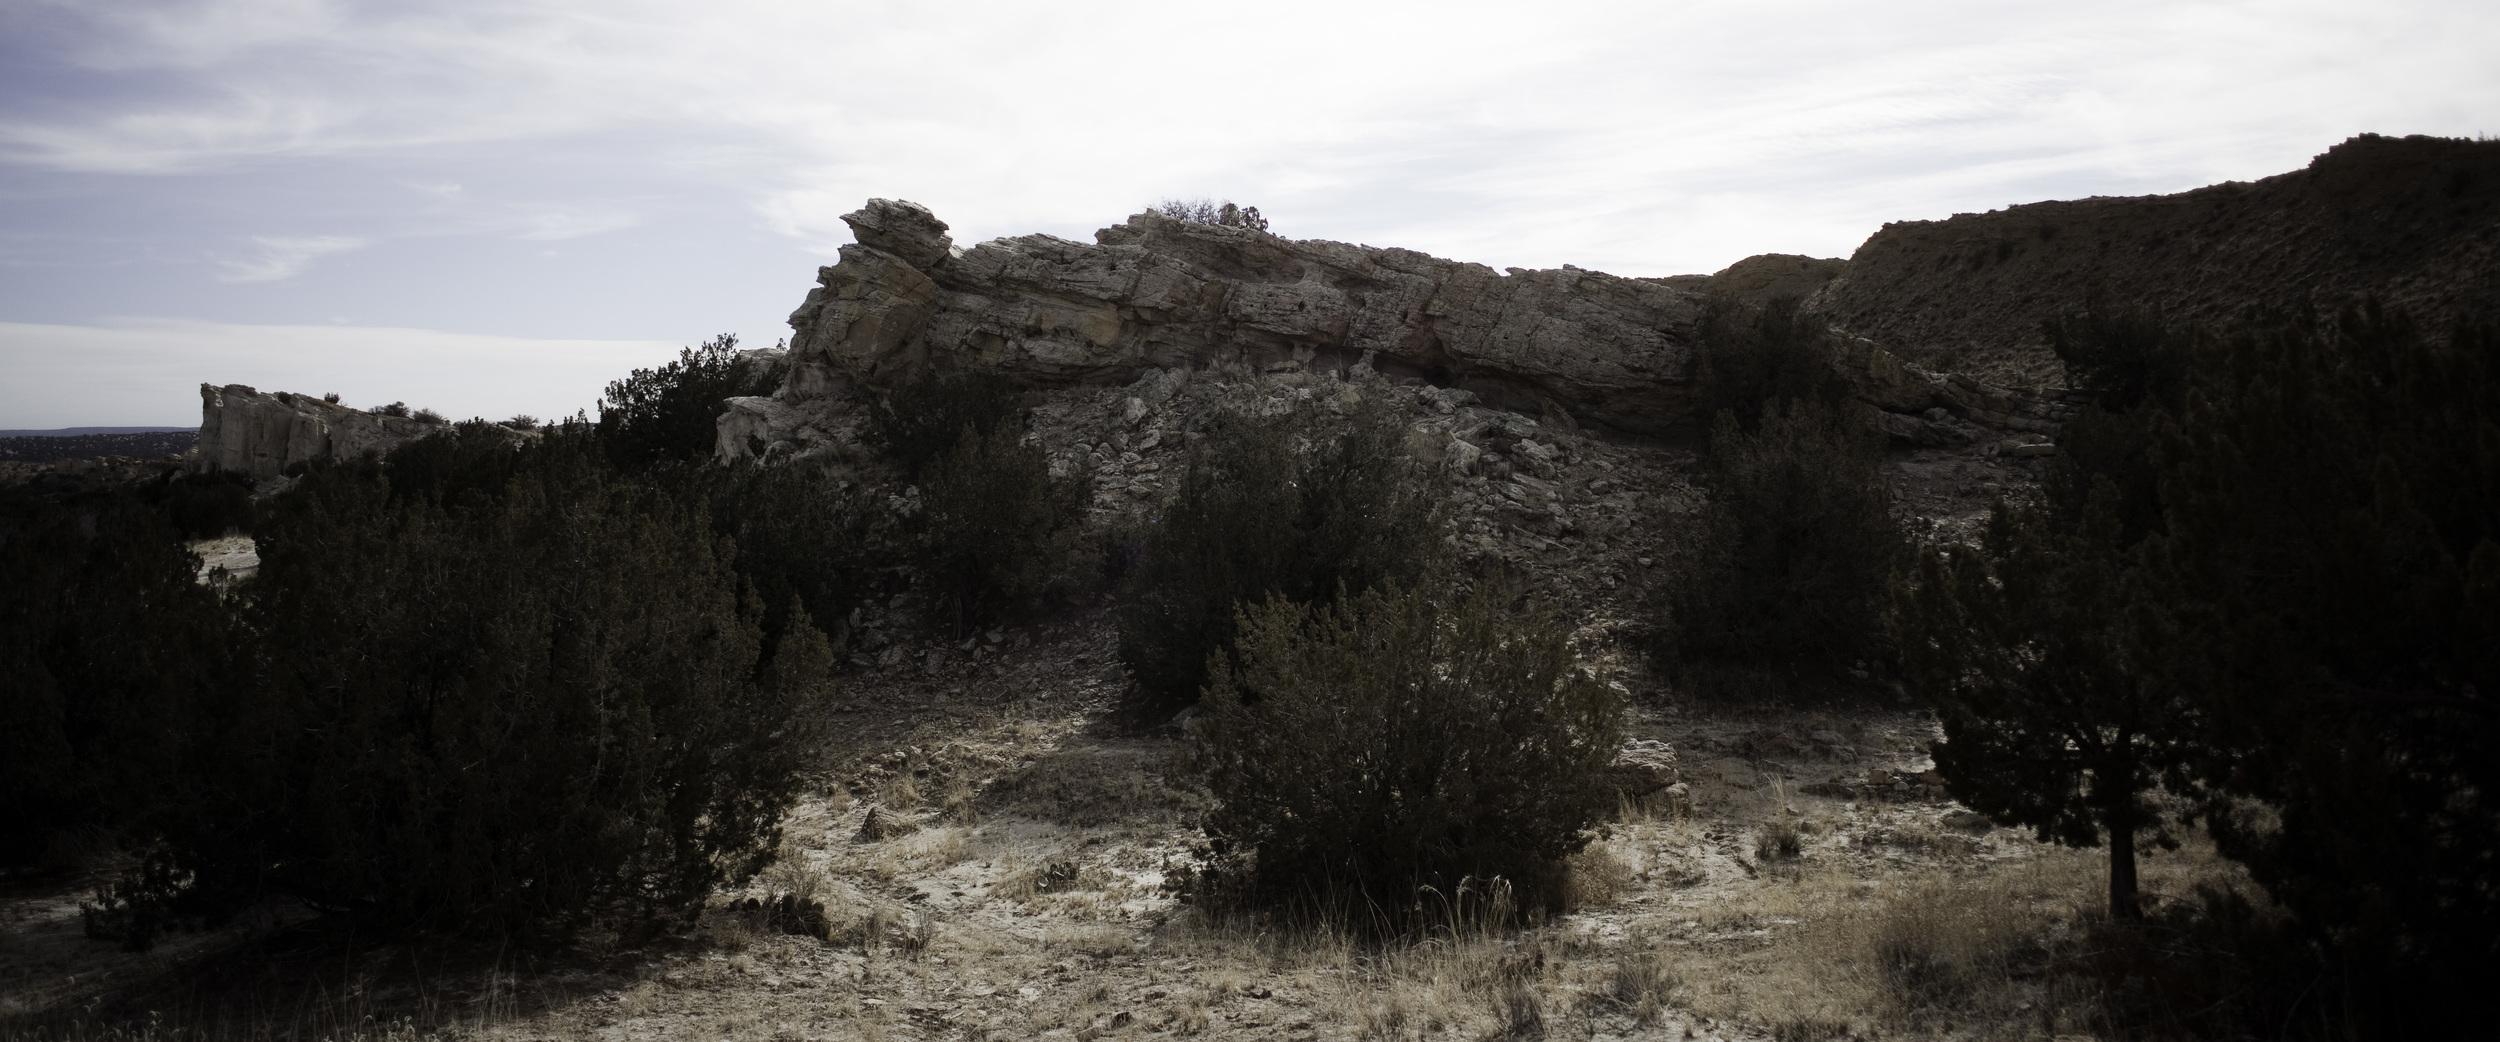 More wilderness in Zia Pueblo